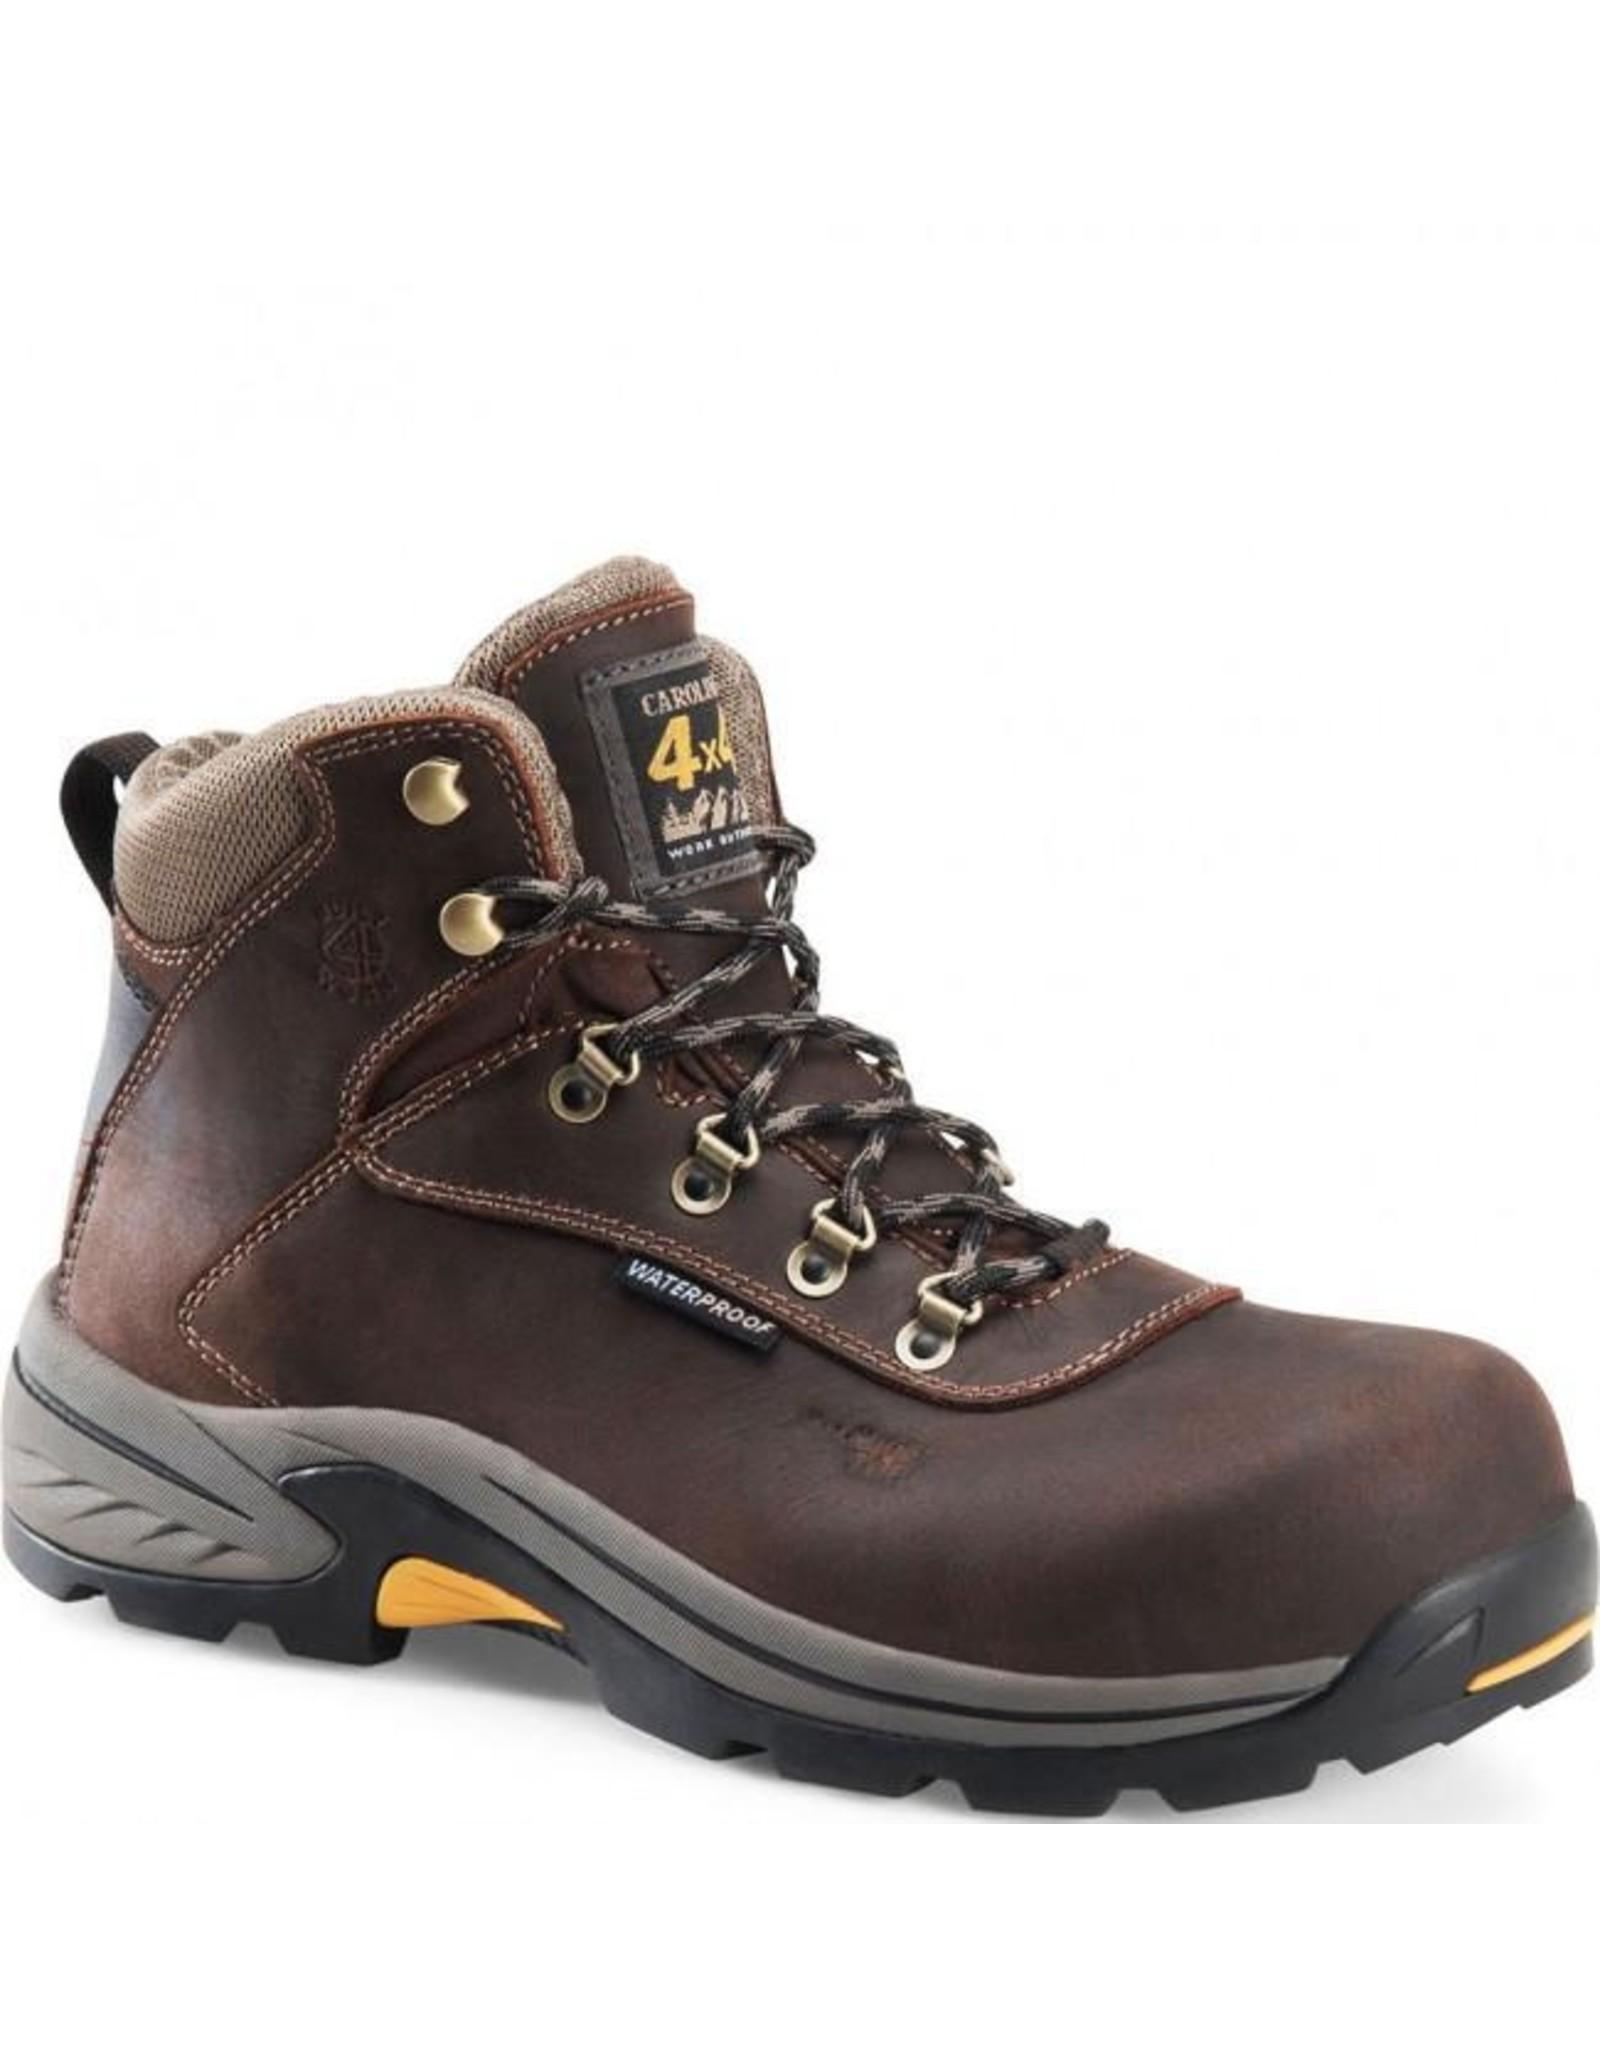 Boots-Men CAROLINA Martensite CA8522